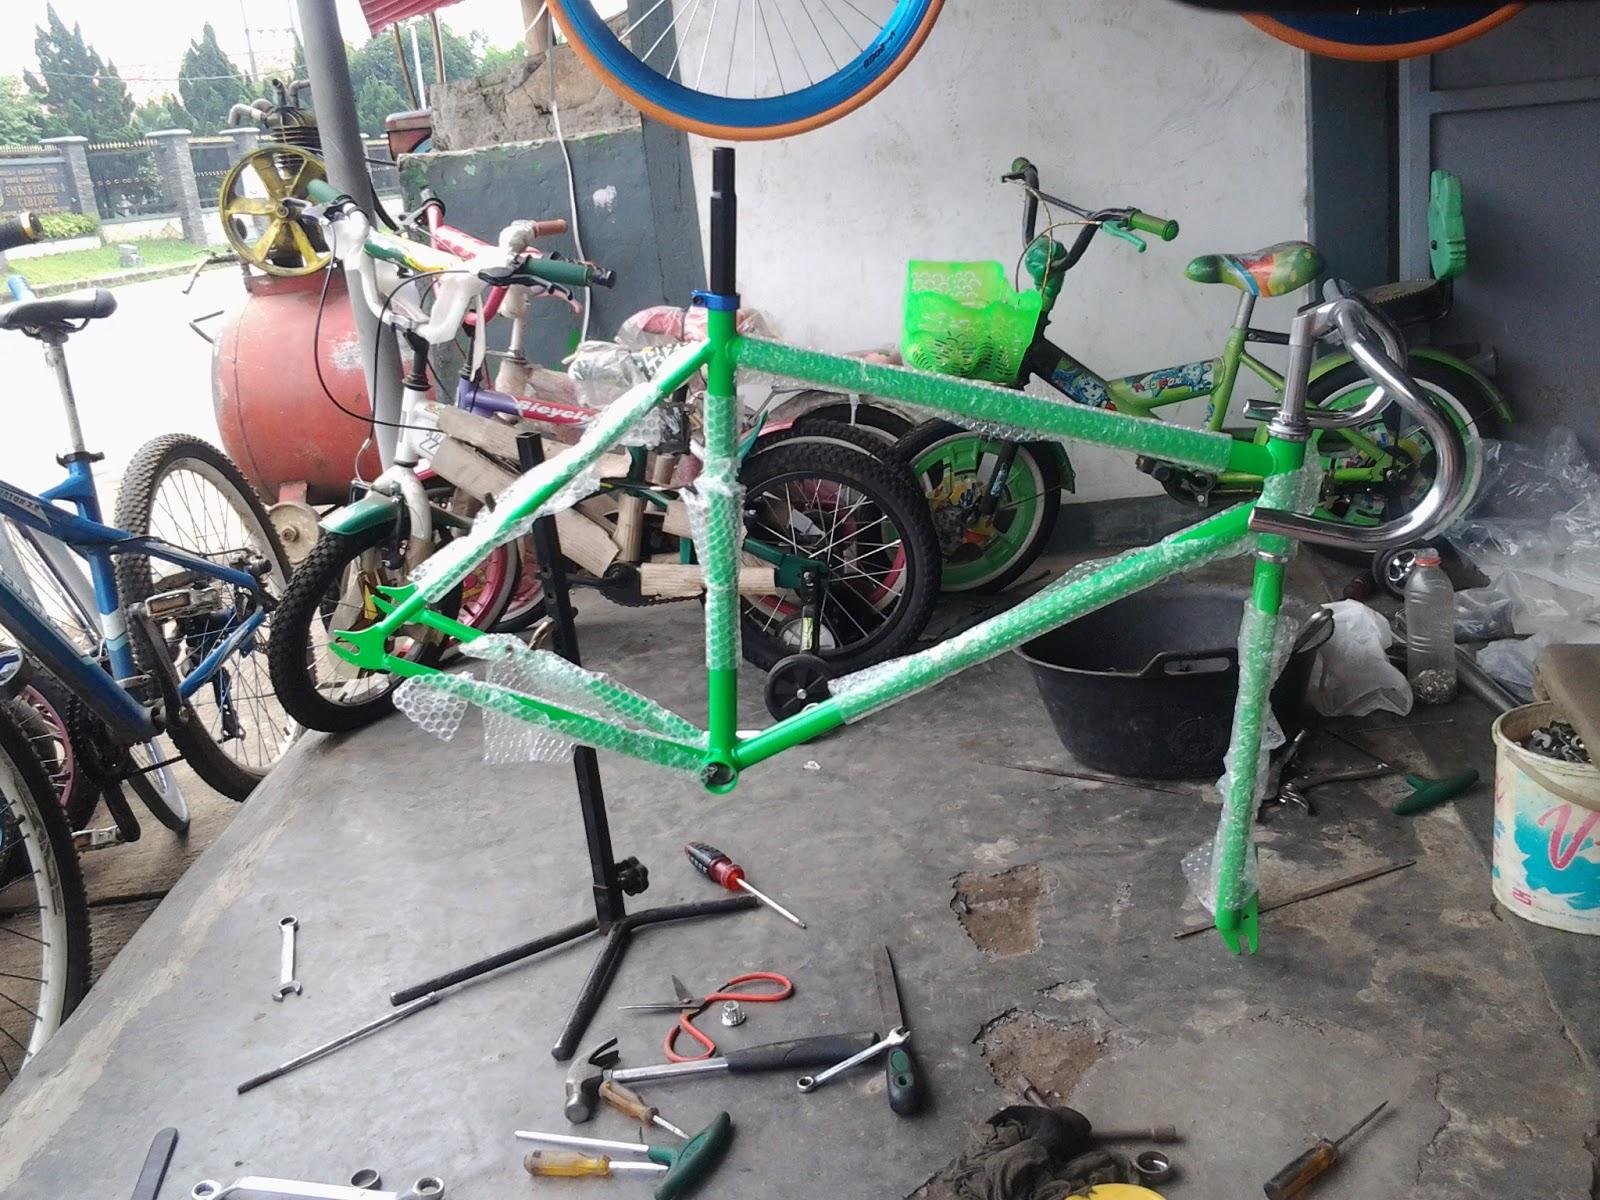 Sepeda Bmx Warna Biru Putih - Sepeda BMX